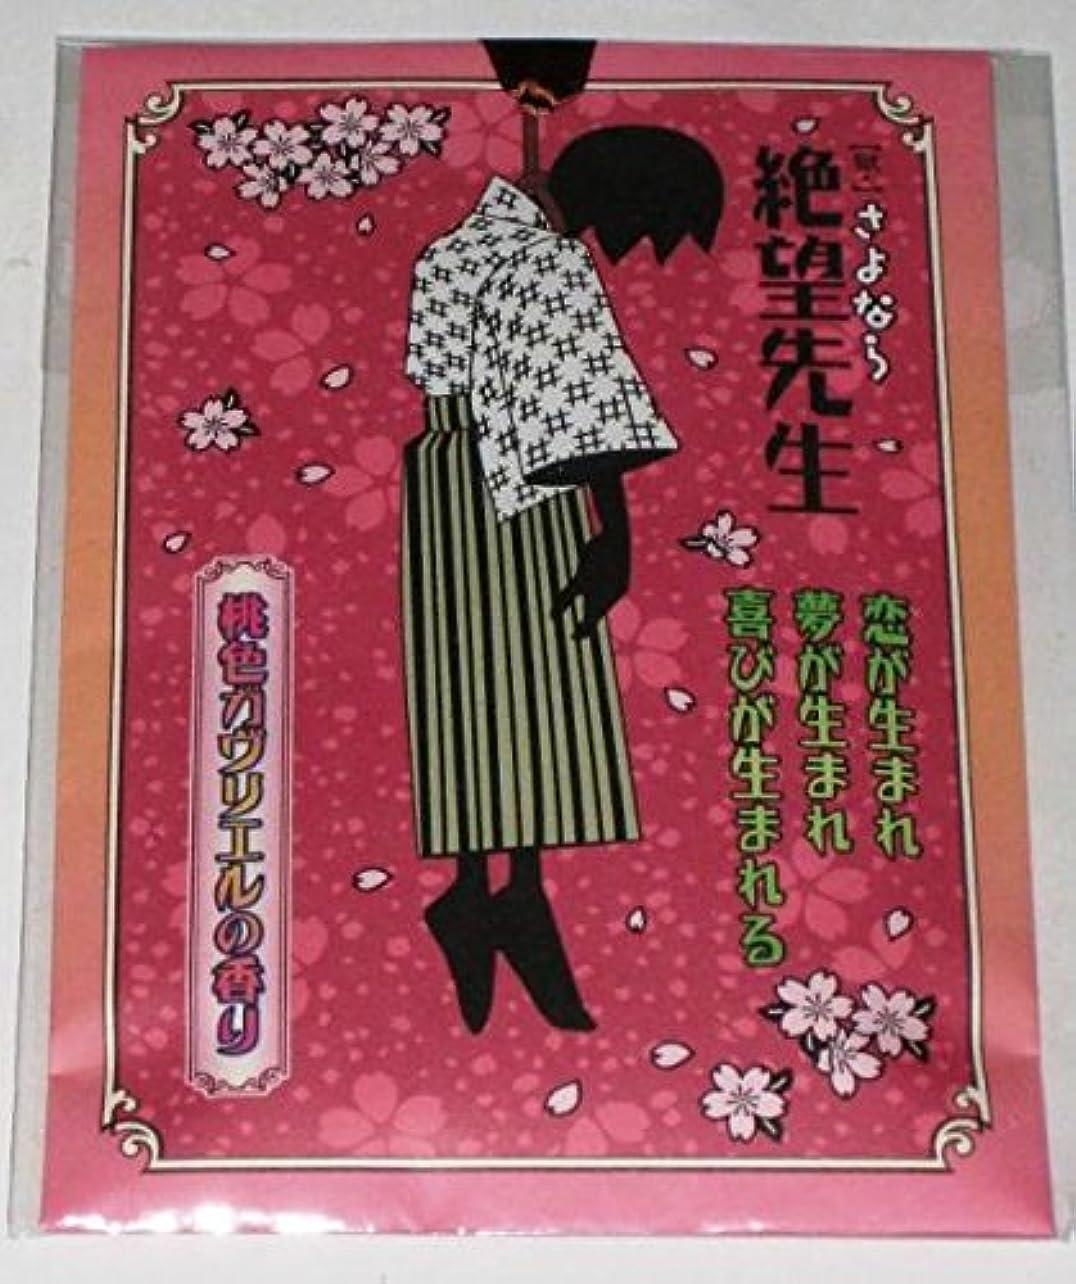 階段強打分久米田康治「獄?さよなら絶望先生」香り袋/桃色ガヴリエルの香